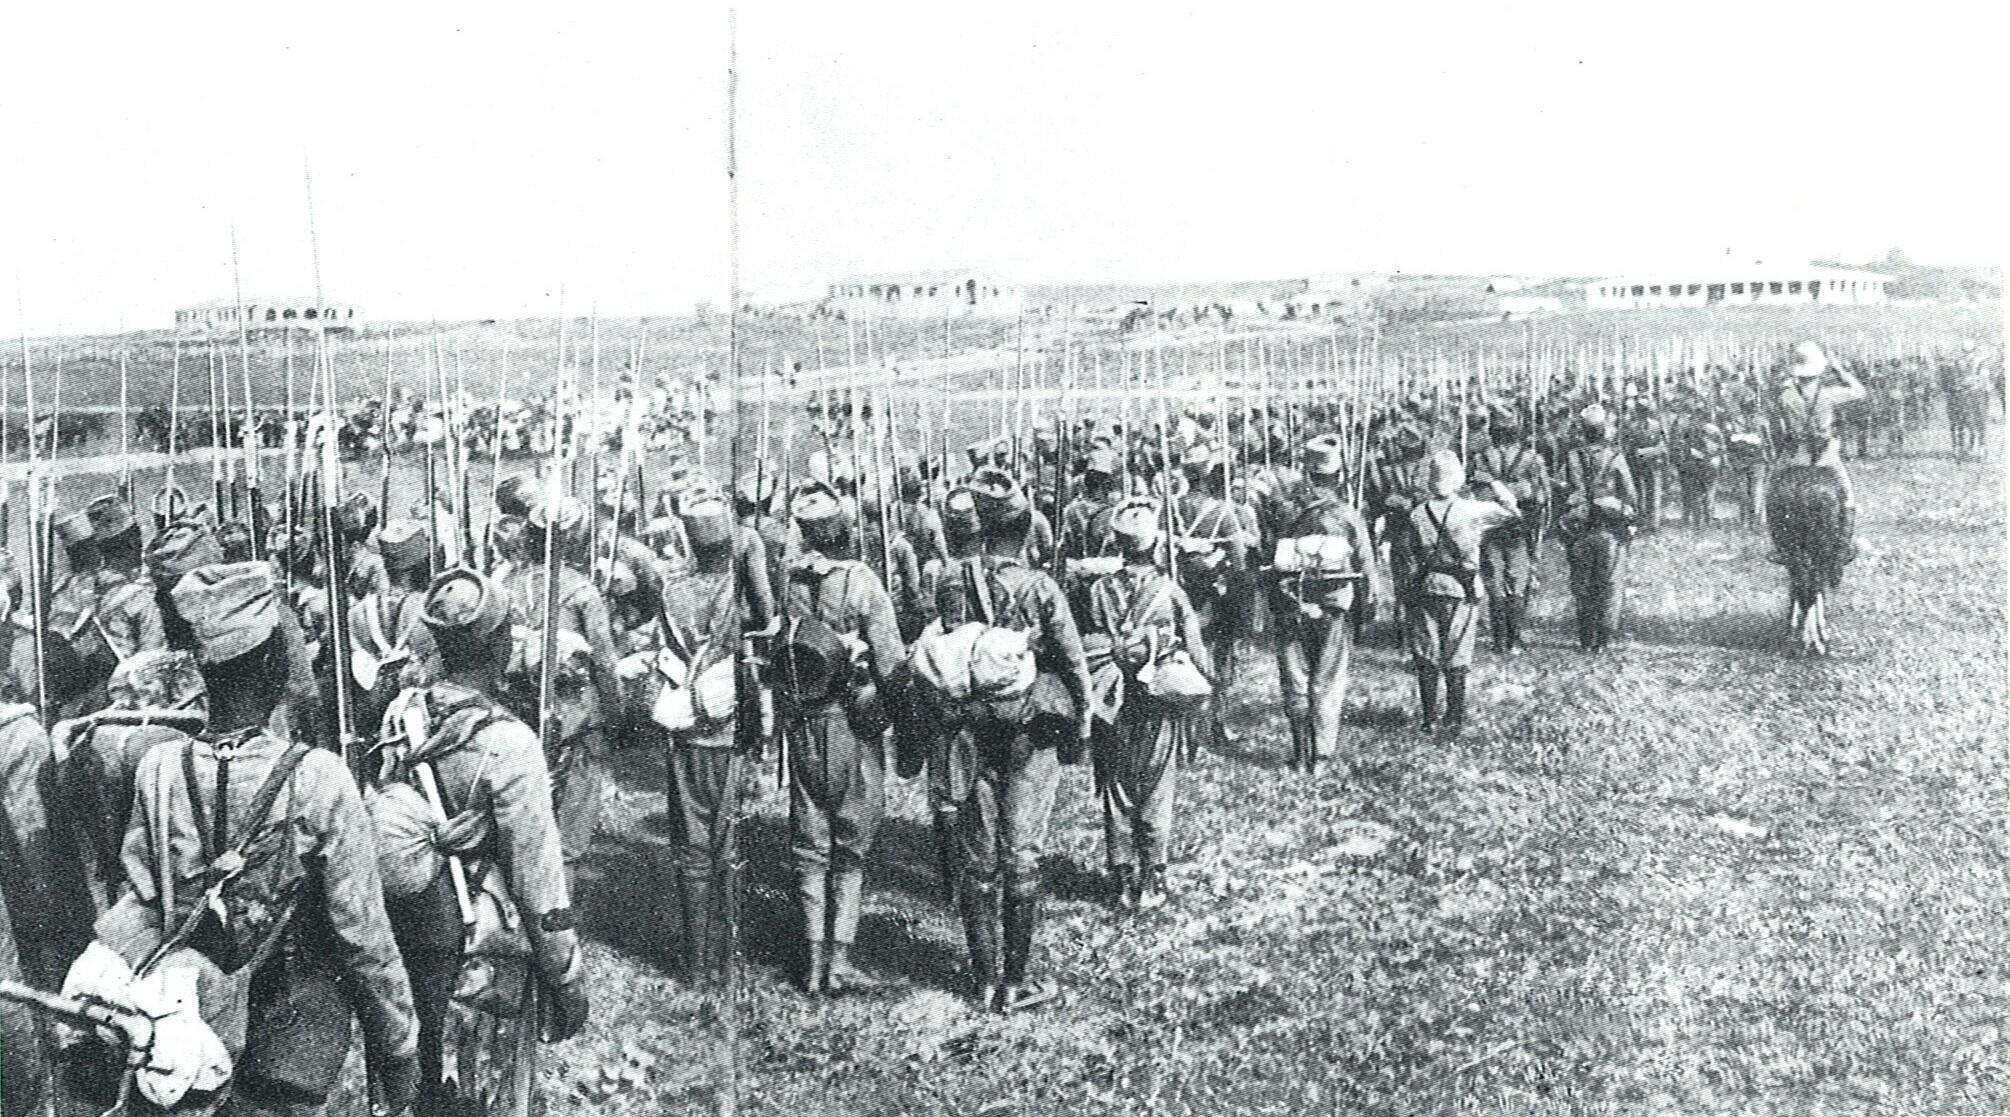 Garoua au Cameroun, le 11 juin 1915.